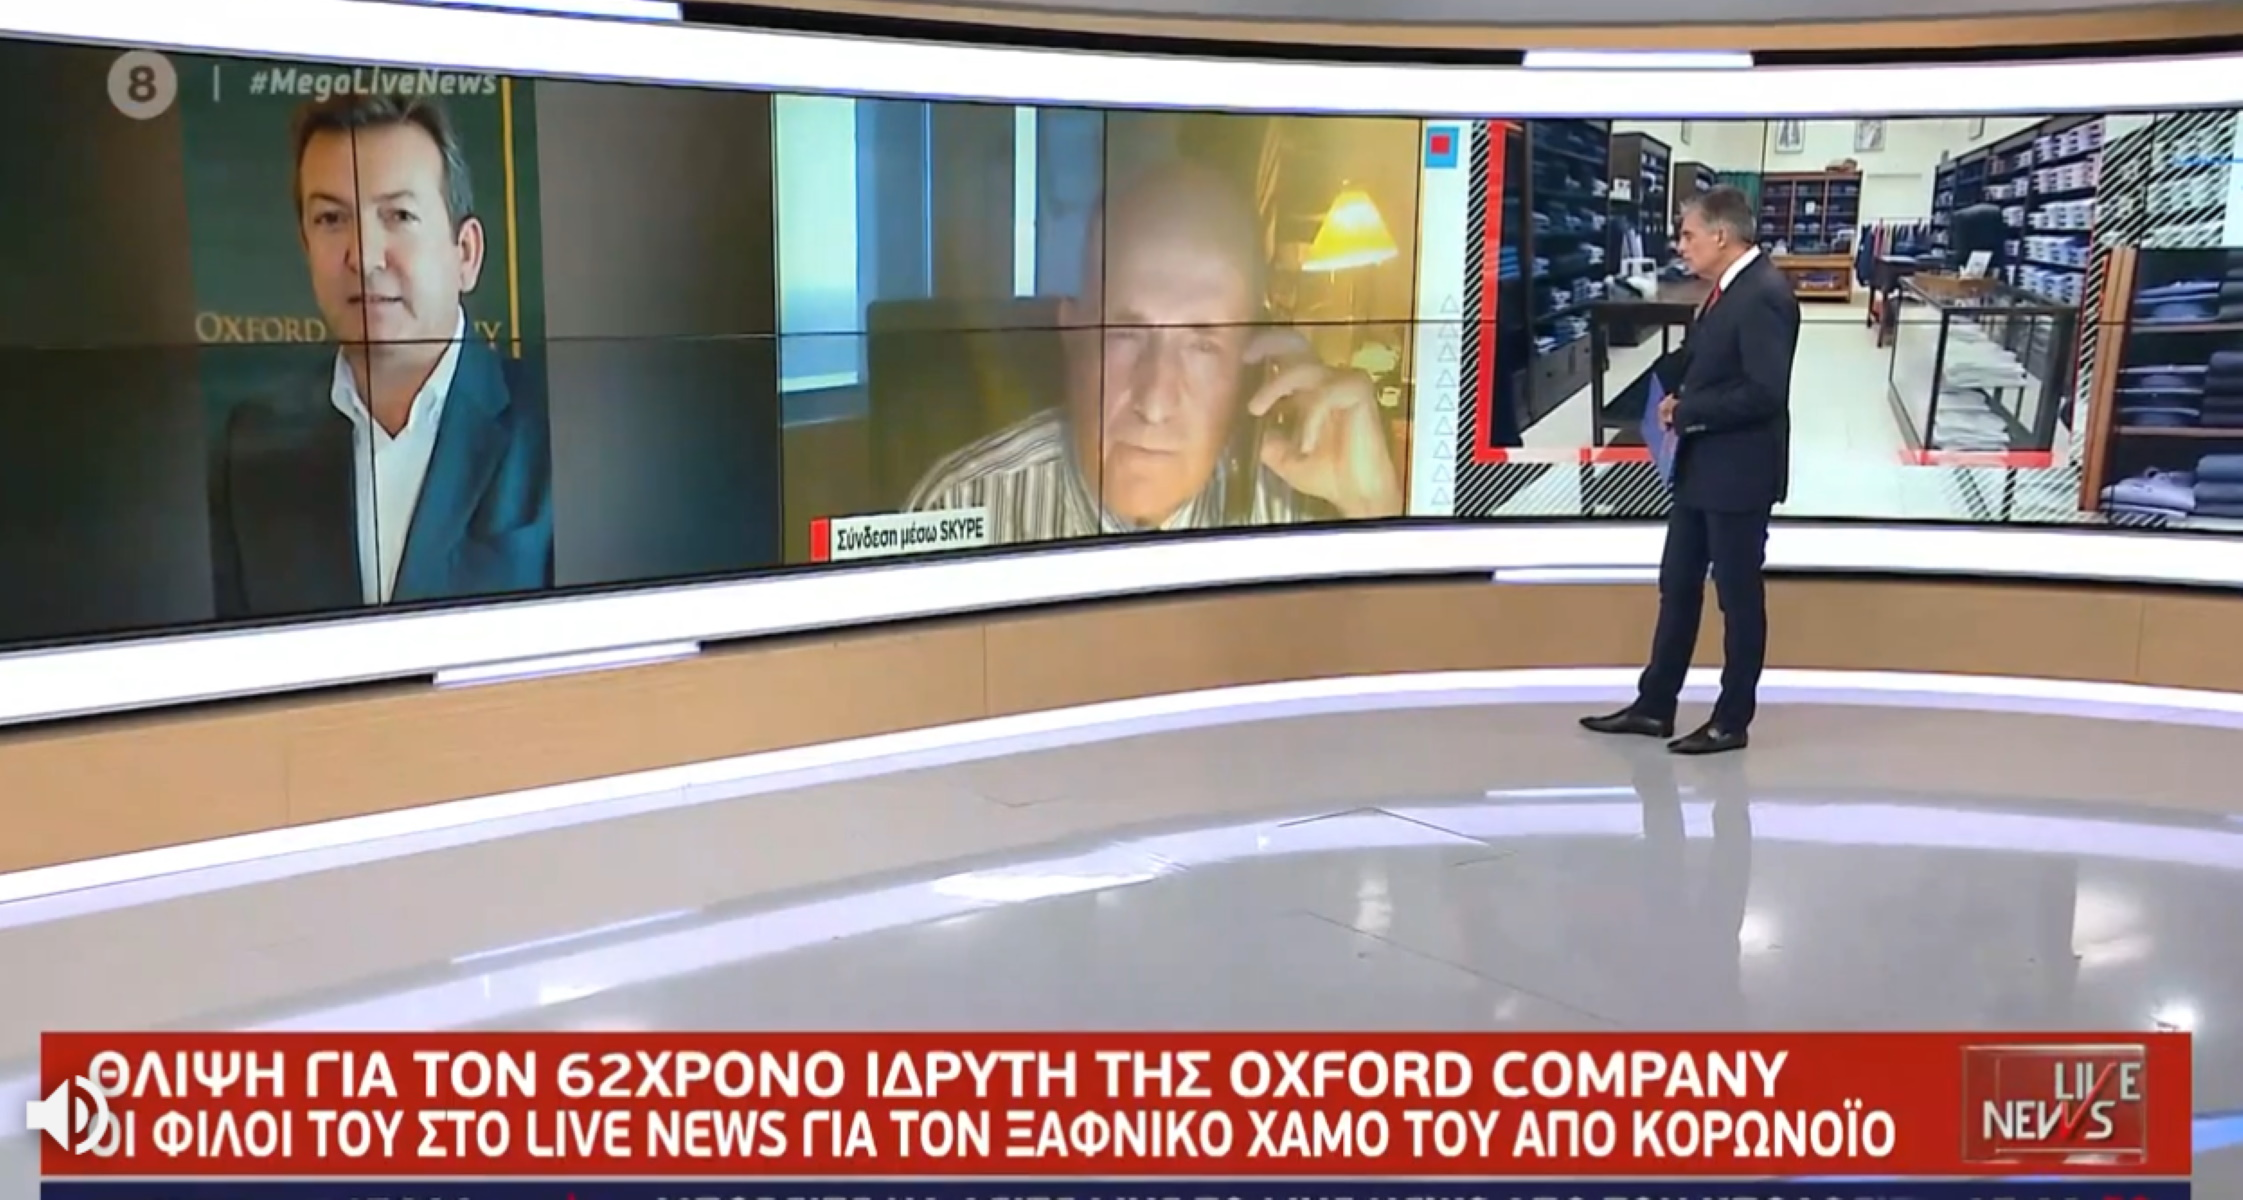 """Χρήστος Τσιόλιας: Θλίψη για τον θάνατο του Mr. Oxford Company από κορονοϊό – """"Είχε ραγδαία επιδείνωση"""""""